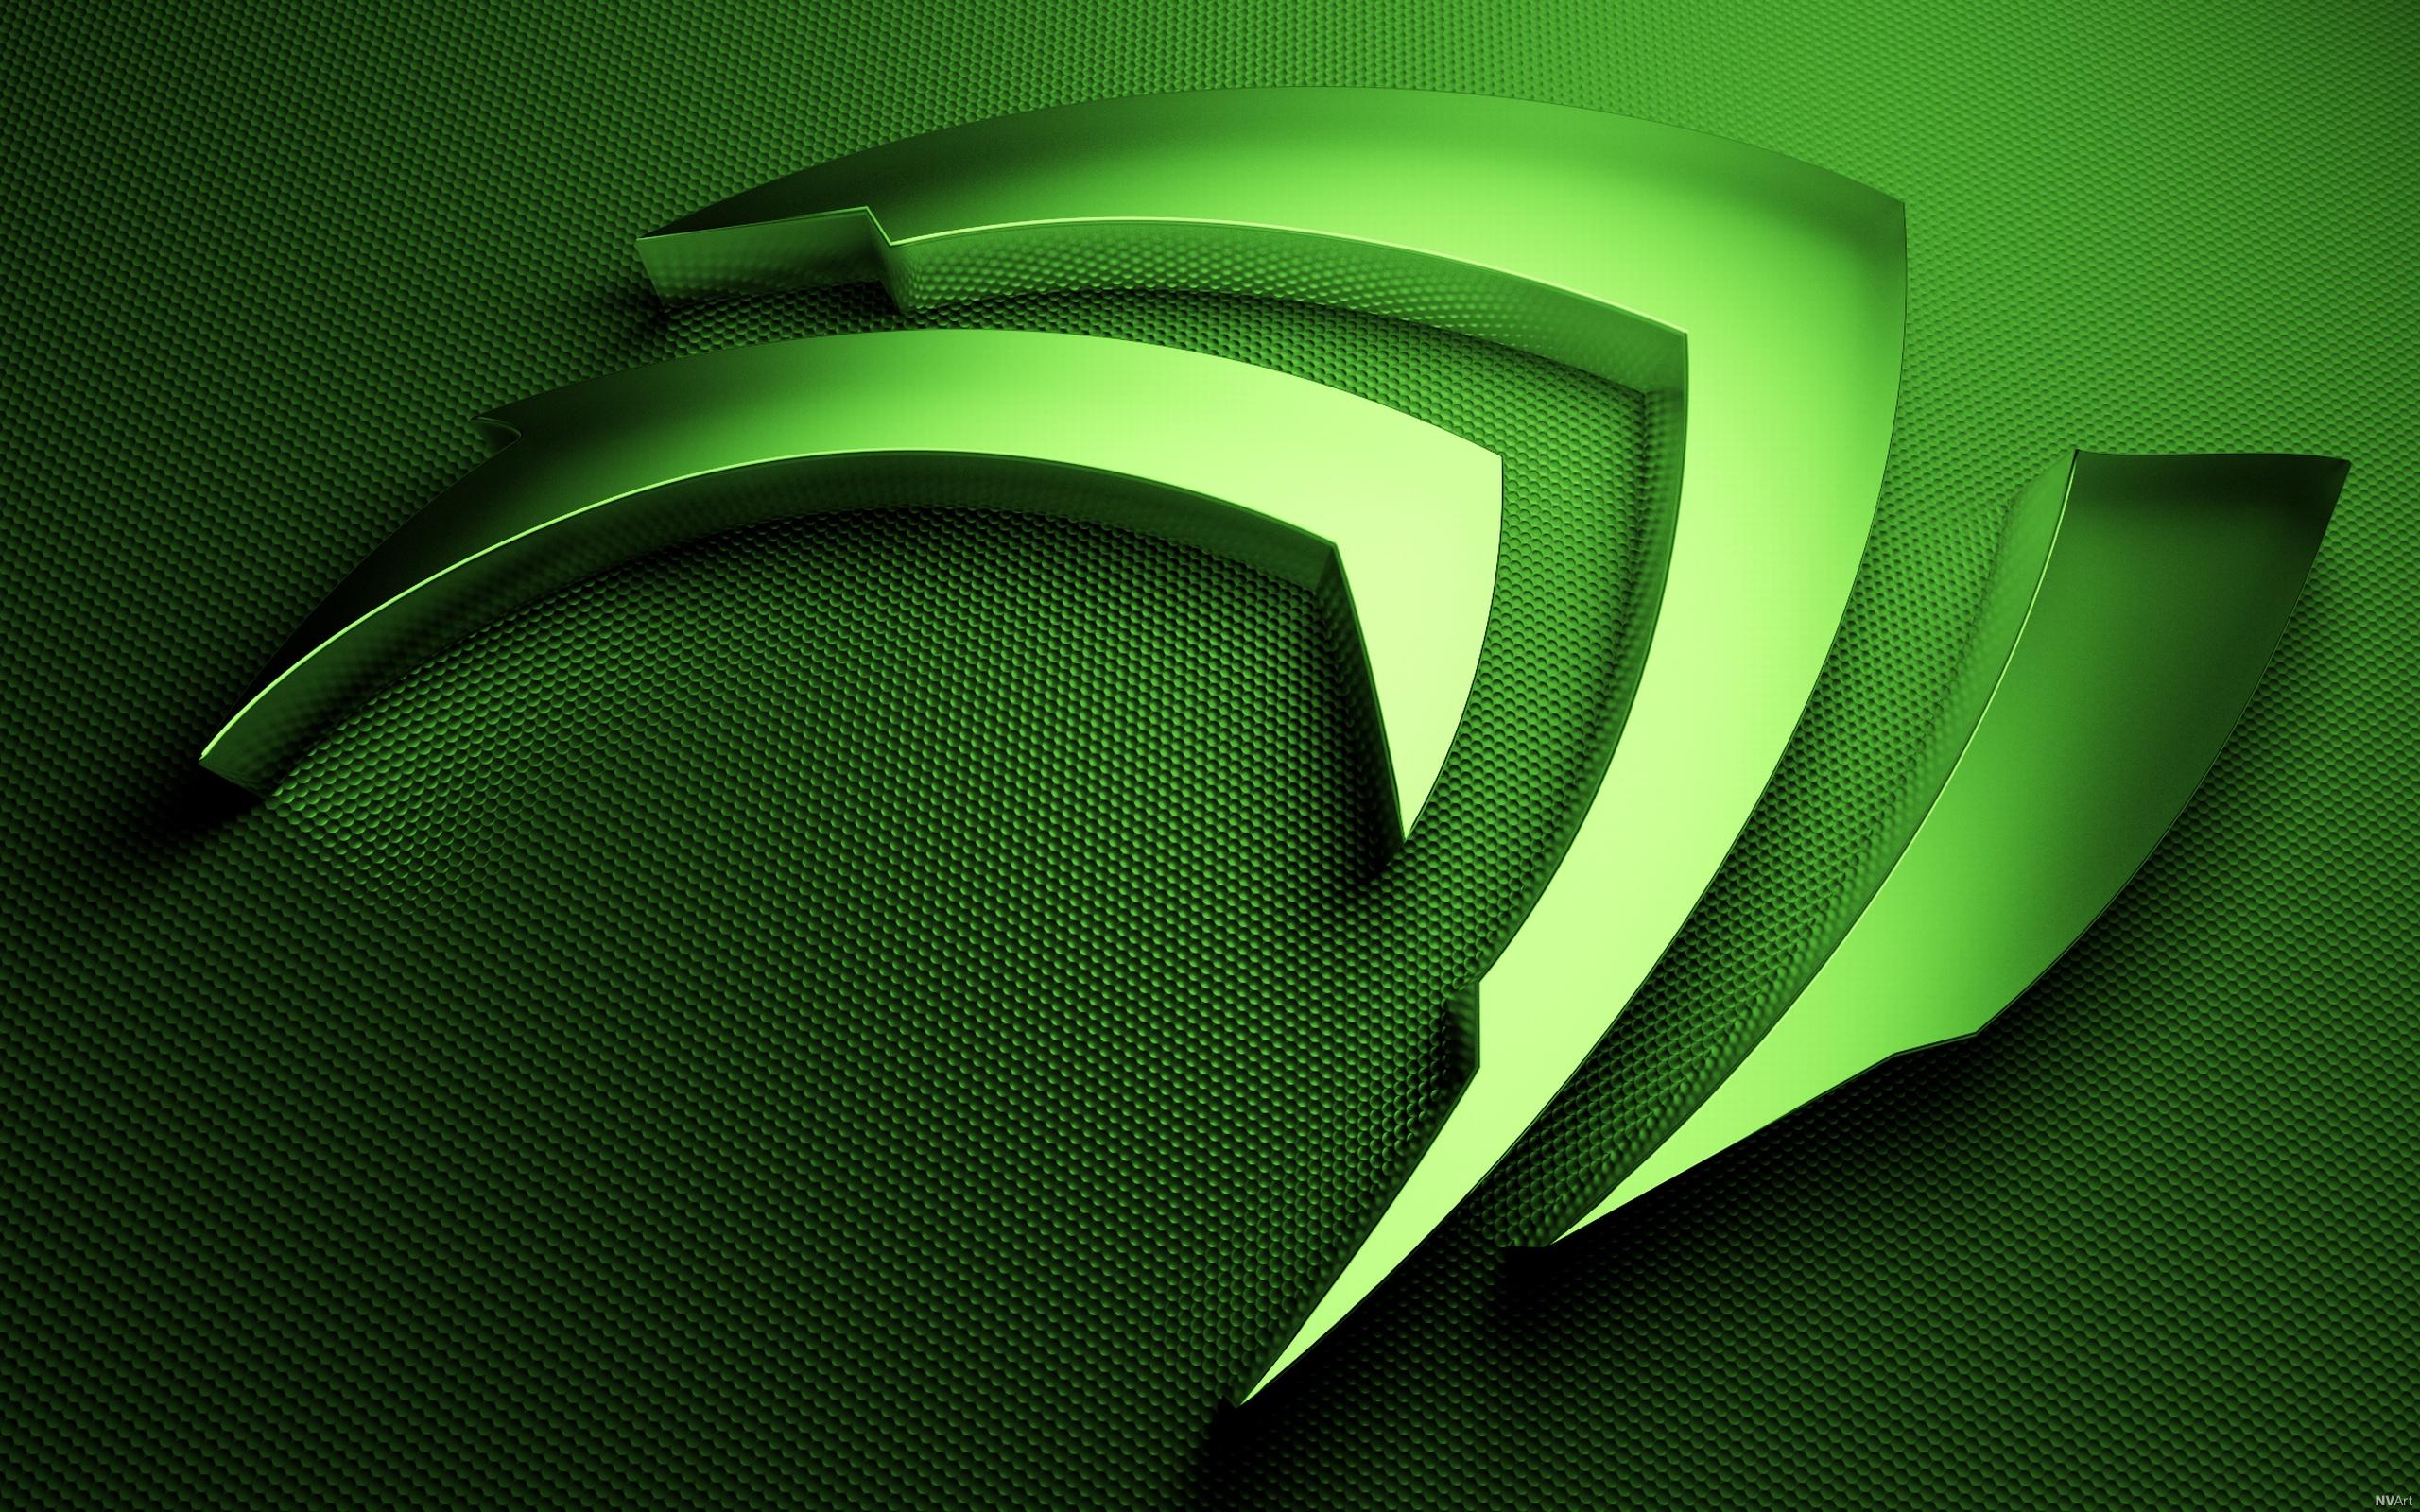 NVIDIA Claw 3 Full HD Wallpaper - 1490.2KB